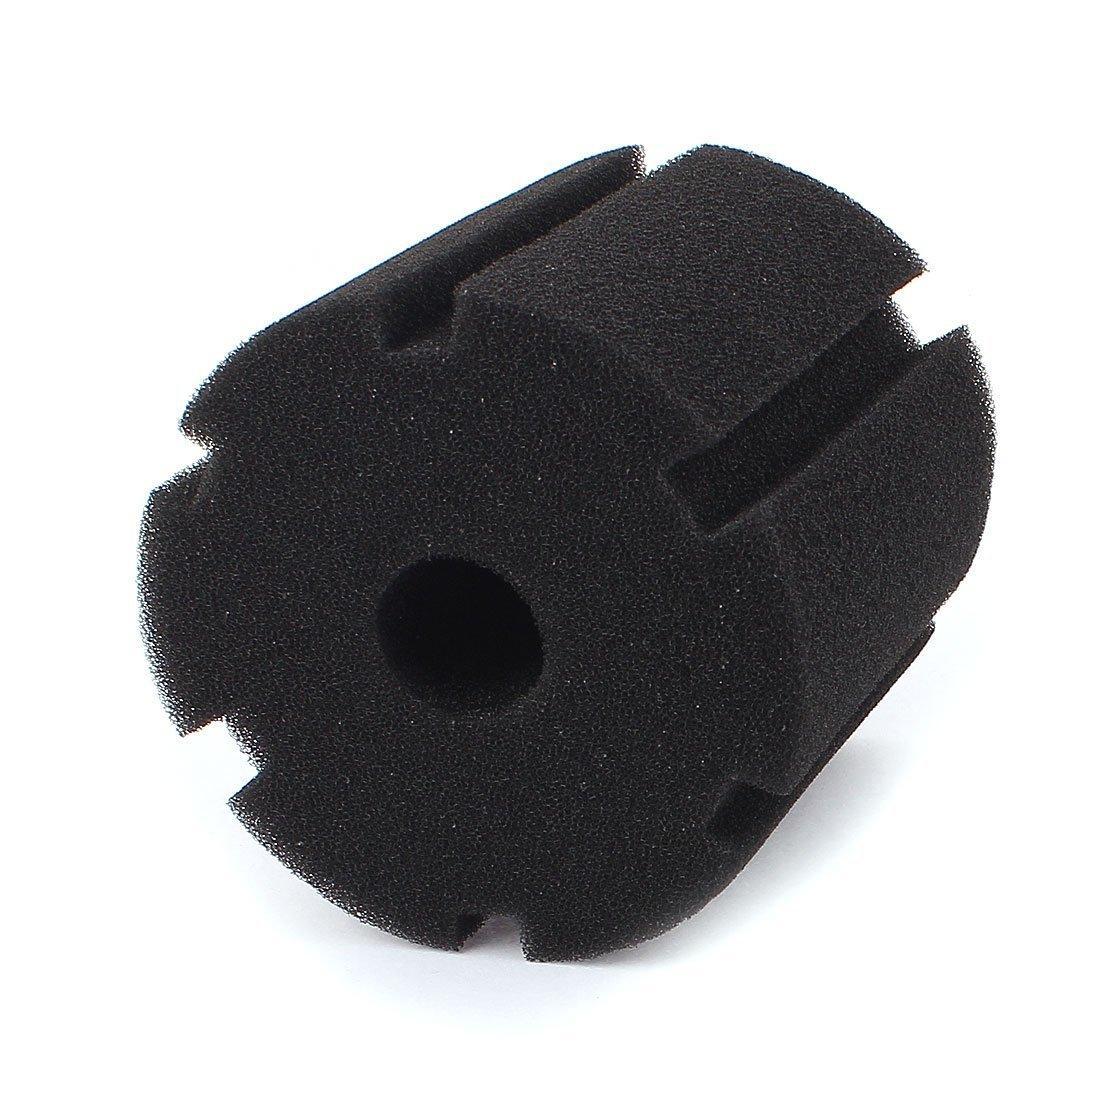 Amazon.com : eDealMax filtro del acuario bioquímica espuma de la esponja de reemplazo Negro : Pet Supplies